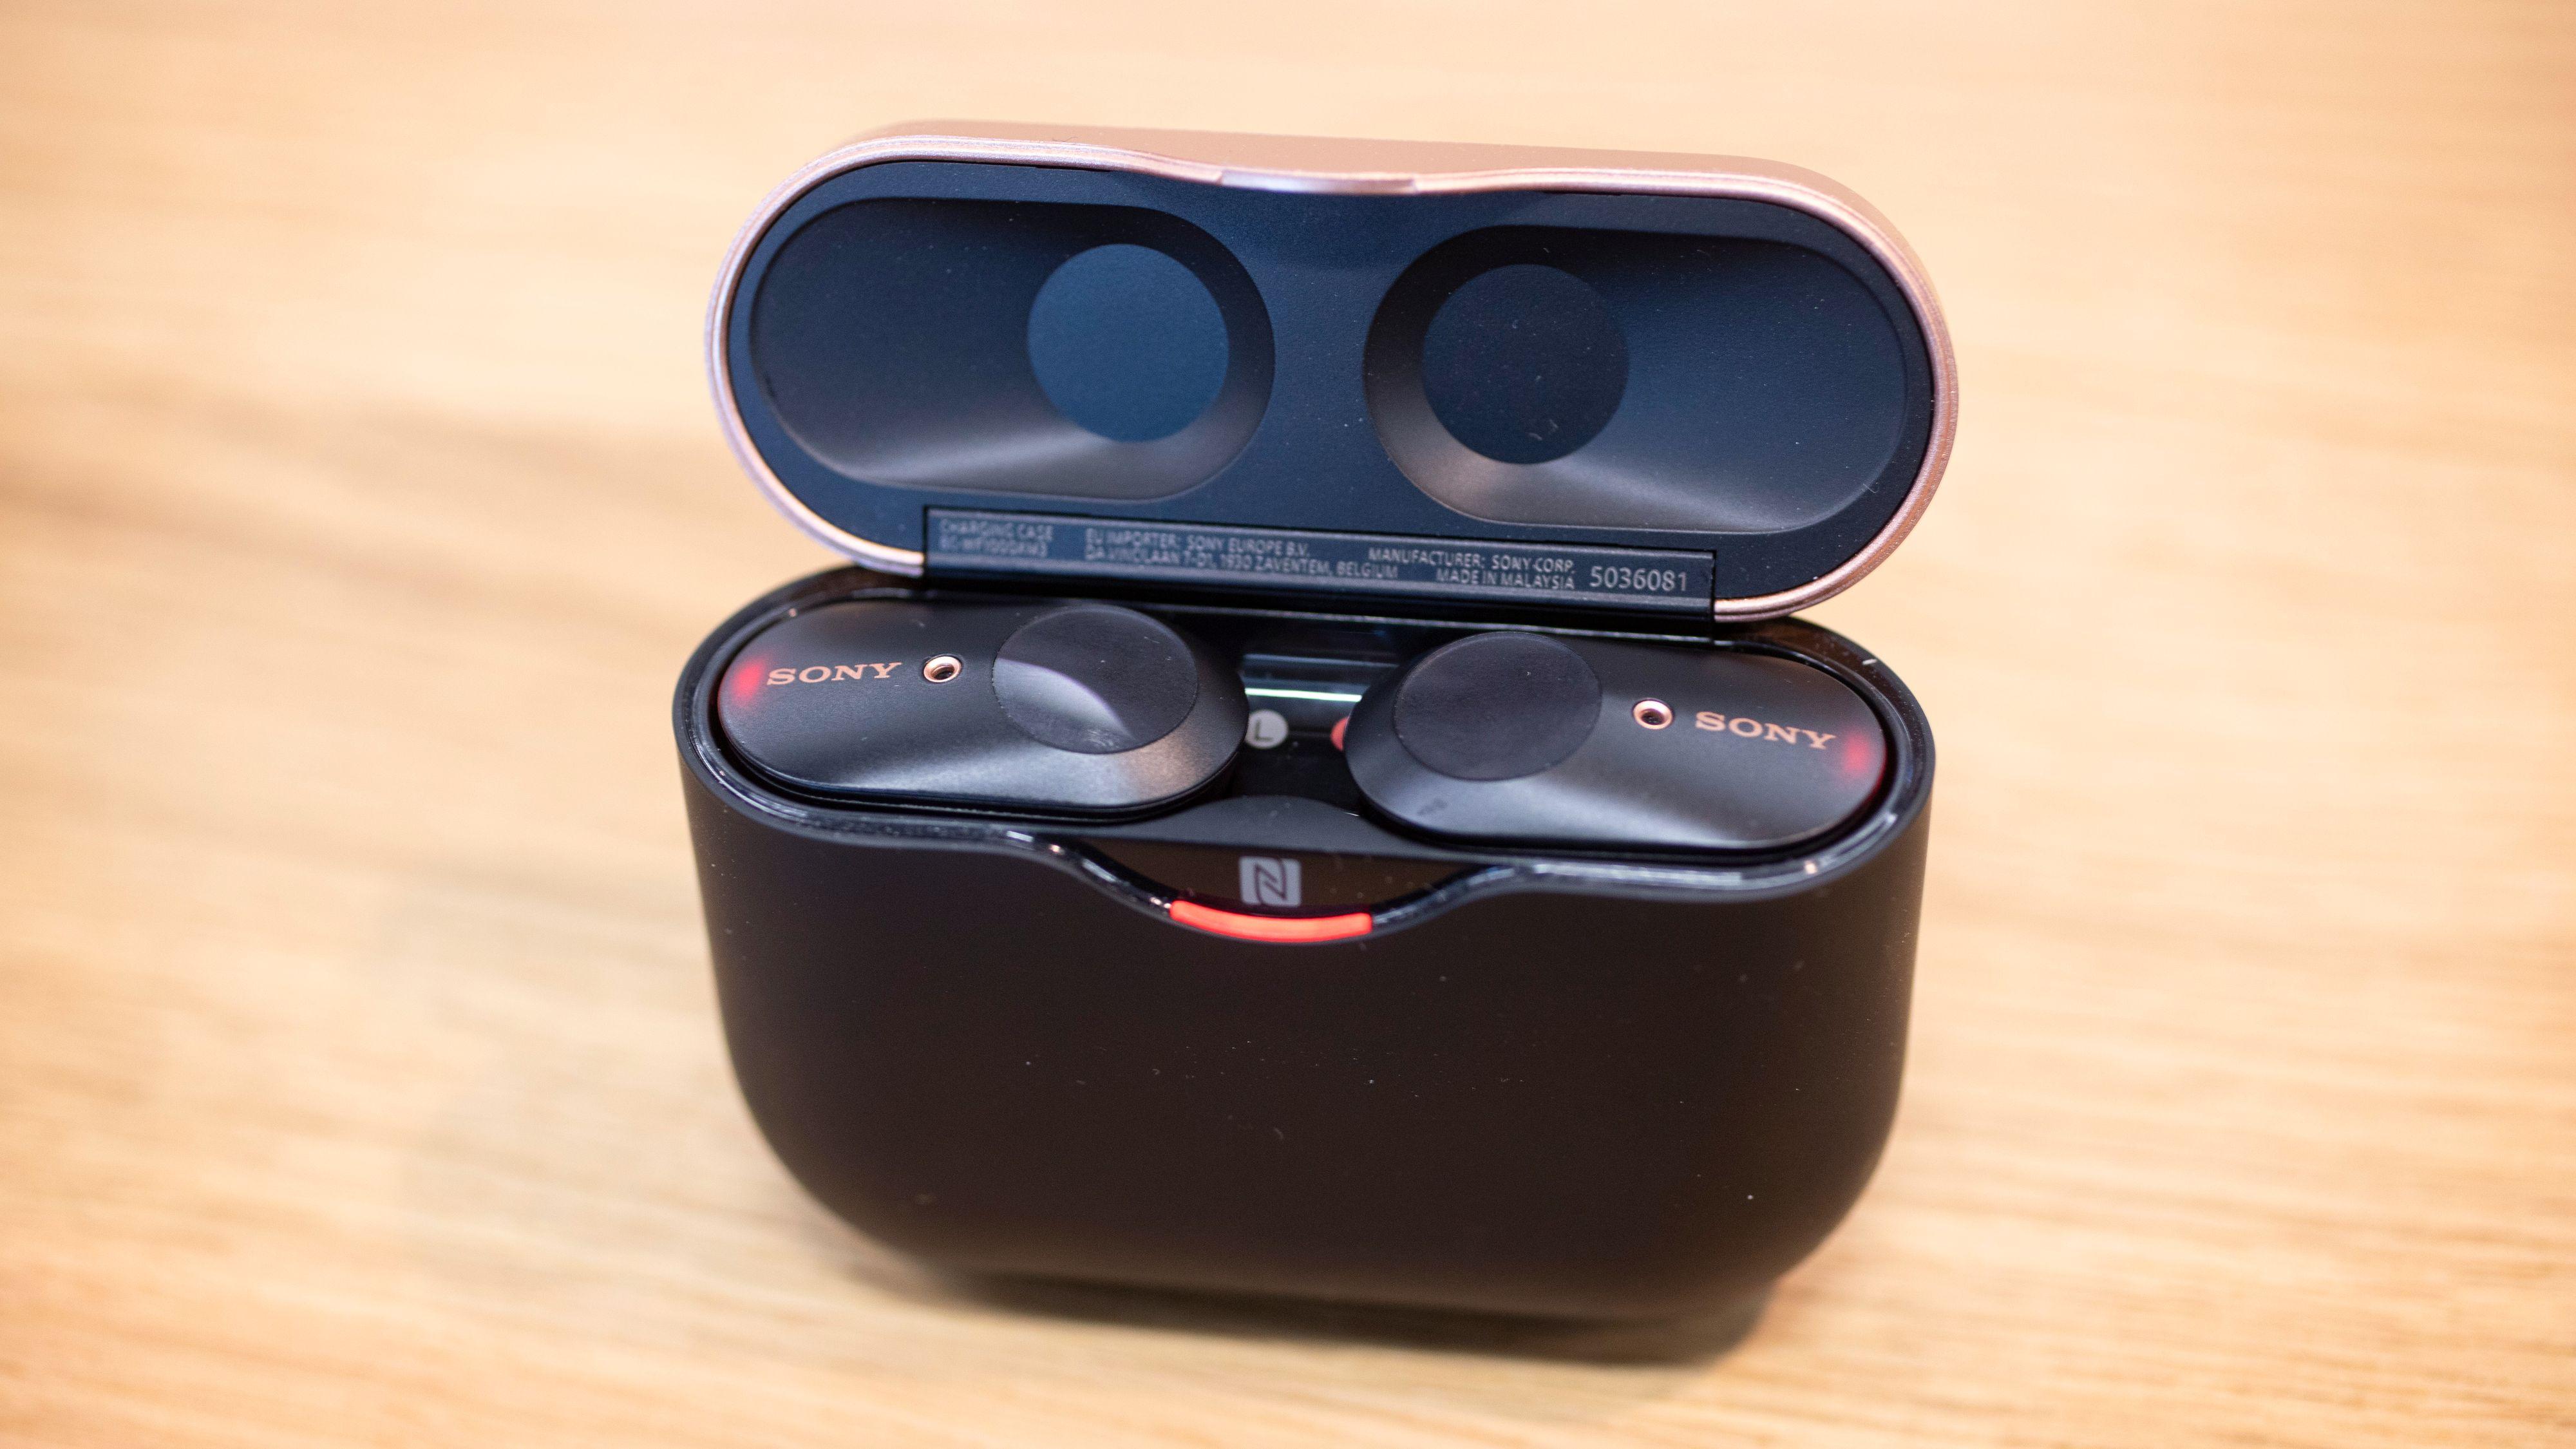 Sonys etui har magneter som holder pluggene på plass. Det er vanskelig å sette dem inn feil. Legg også merke til NFC-logoen foran, som gjør at du kan koble til de fleste Android-telefoner bare ved å holde etuiet i nærheten.